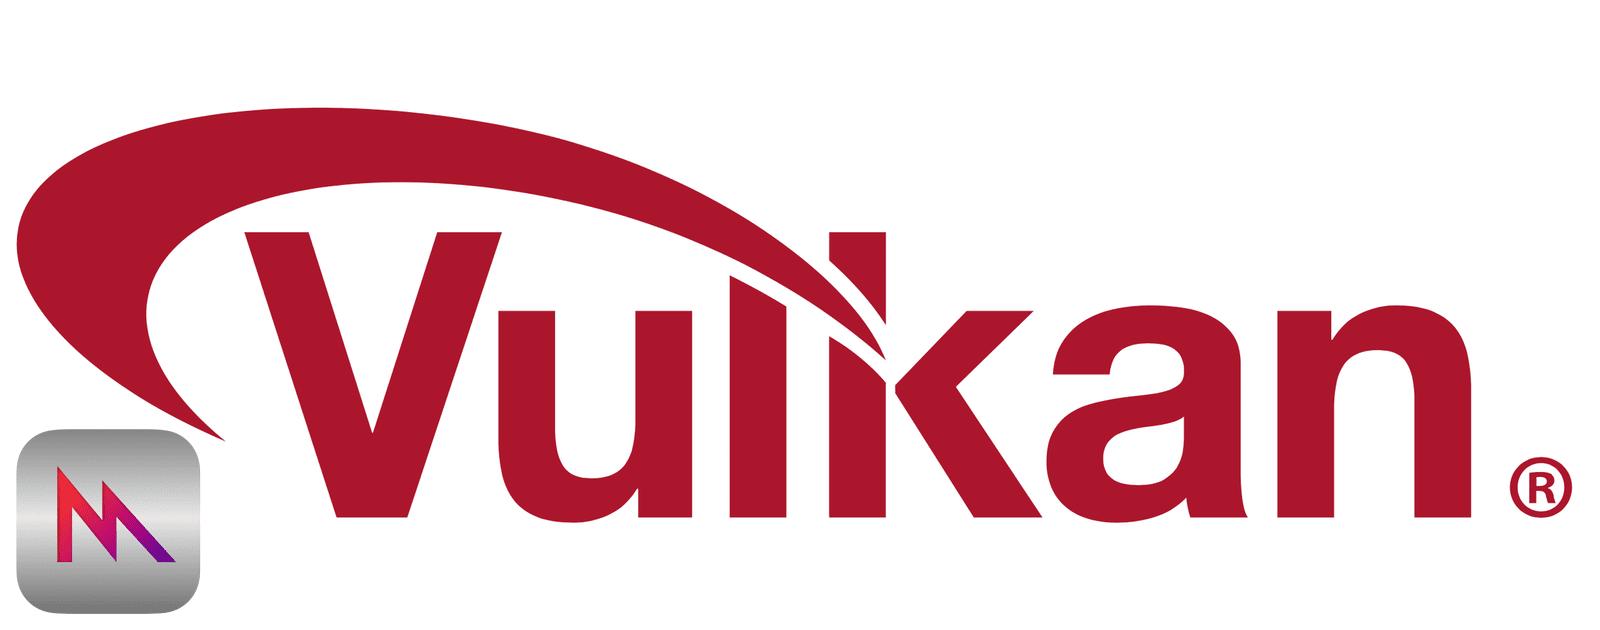 Logo of Vulkan, a GPU API coming to macOS and iOS.